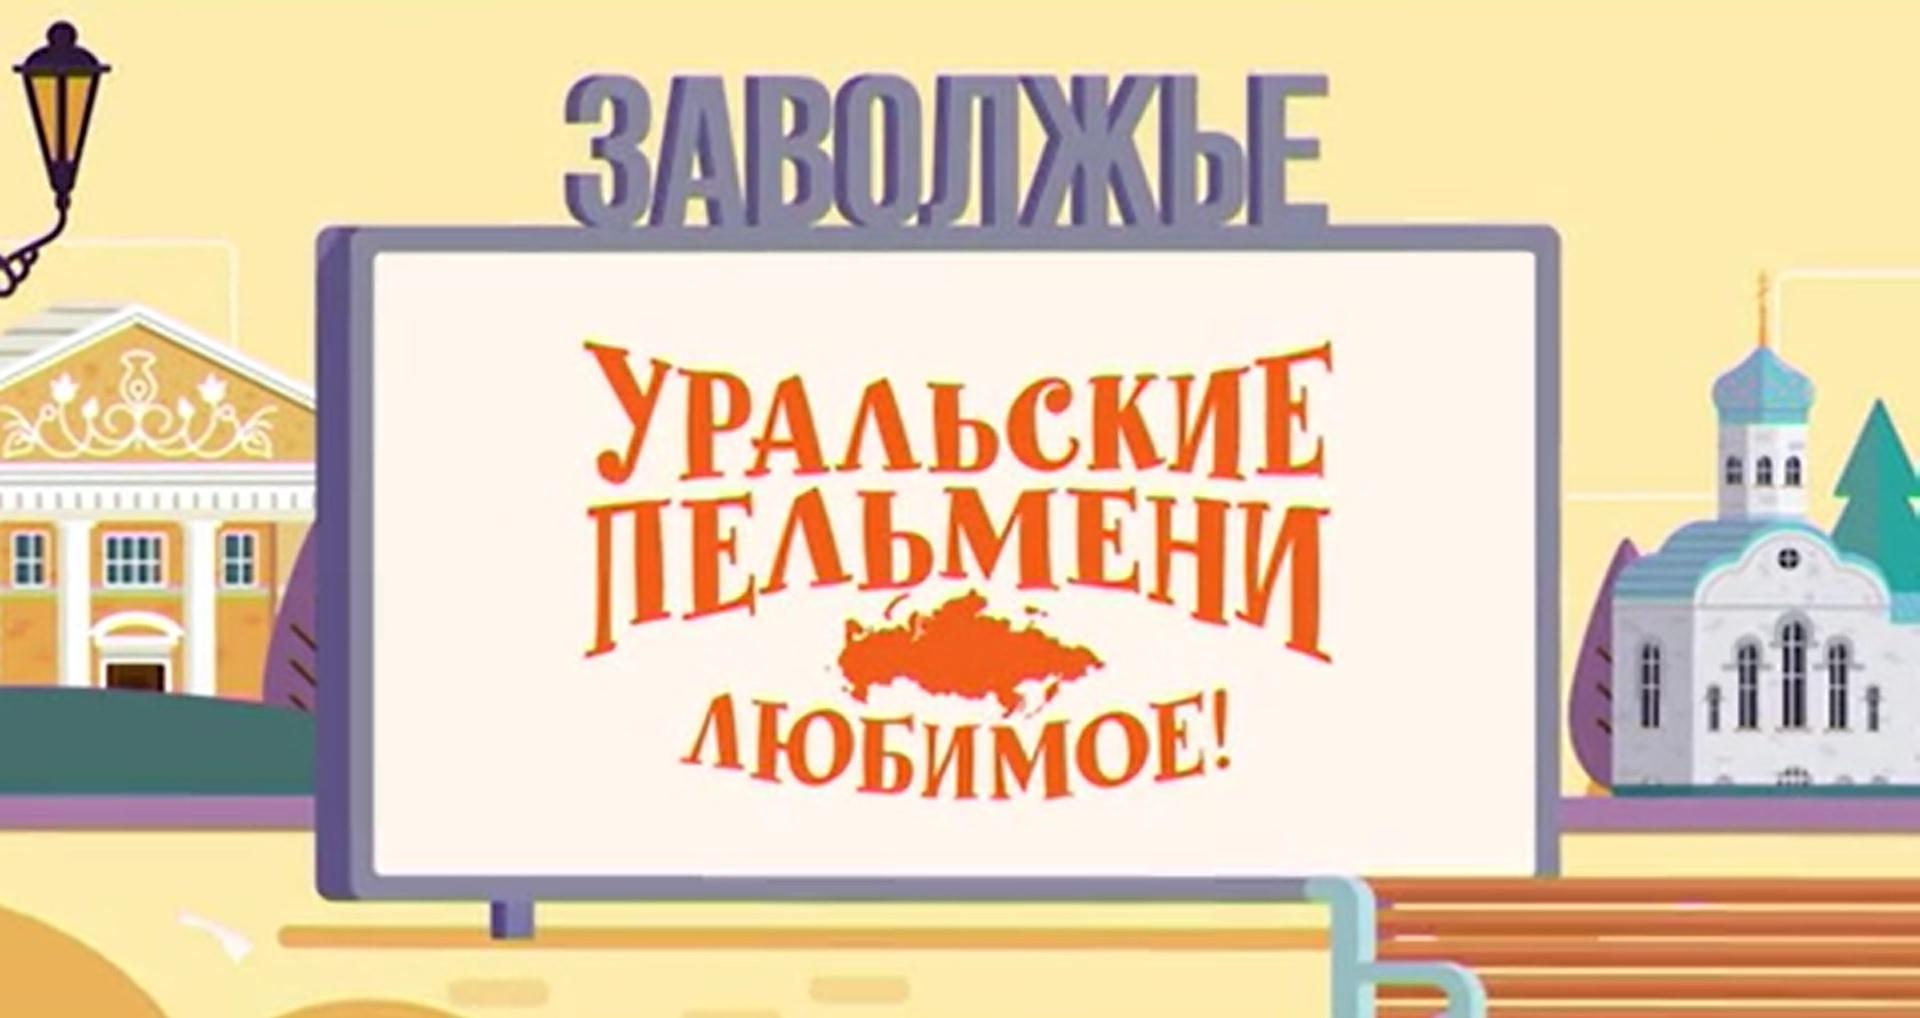 Творческий коллектив Уральские Пельмени Уральские пельмени. Любимое. Заволжье м п званцев заволжье